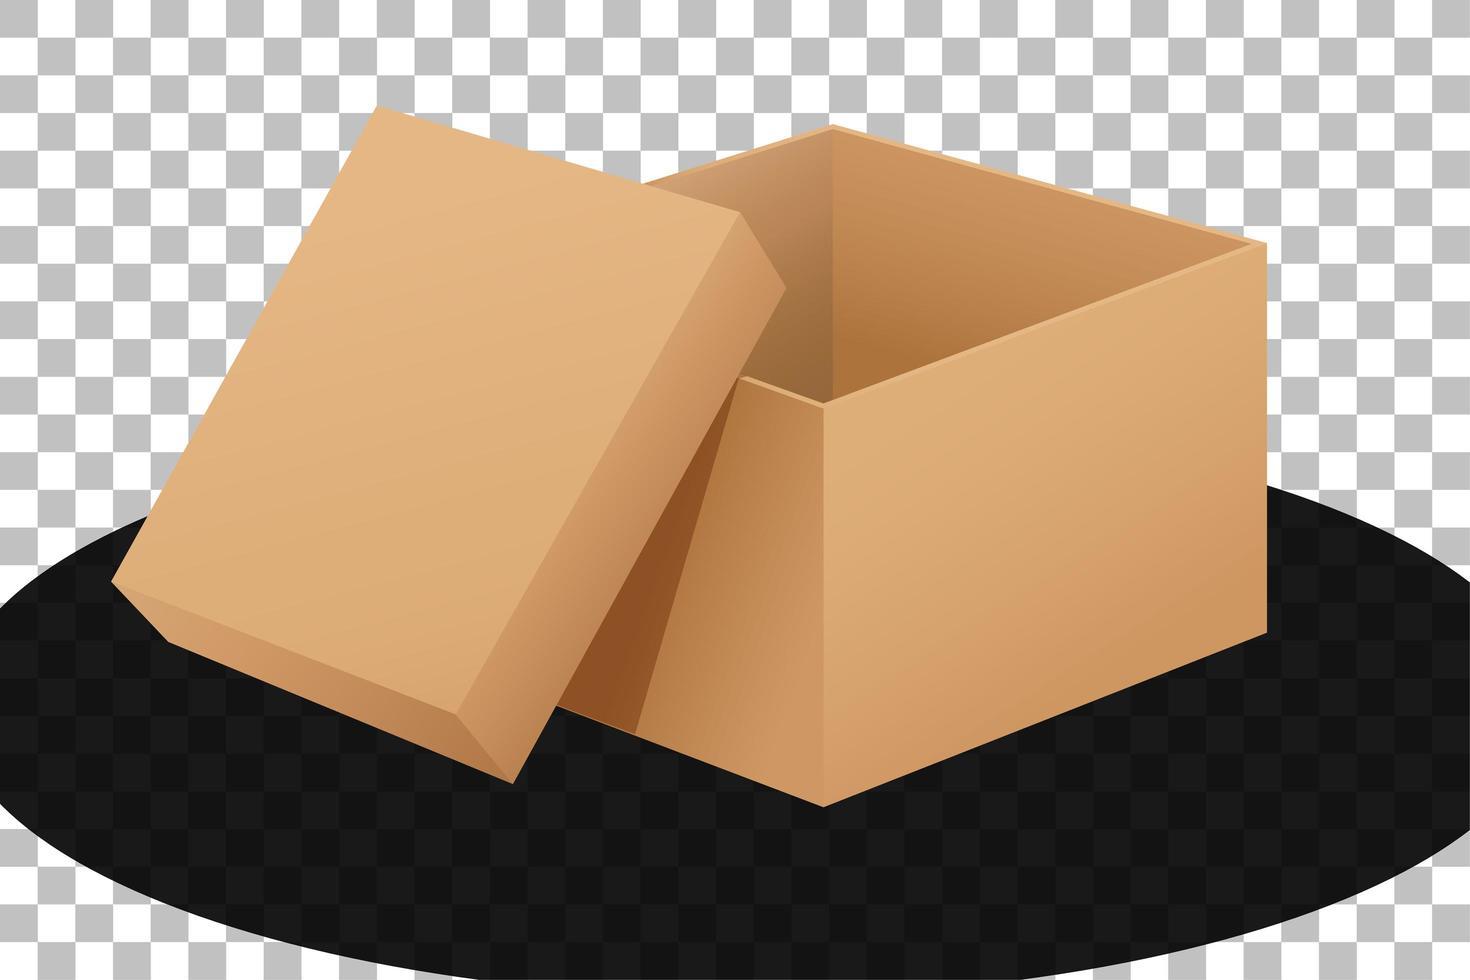 caja de cartón abierta aislada vector